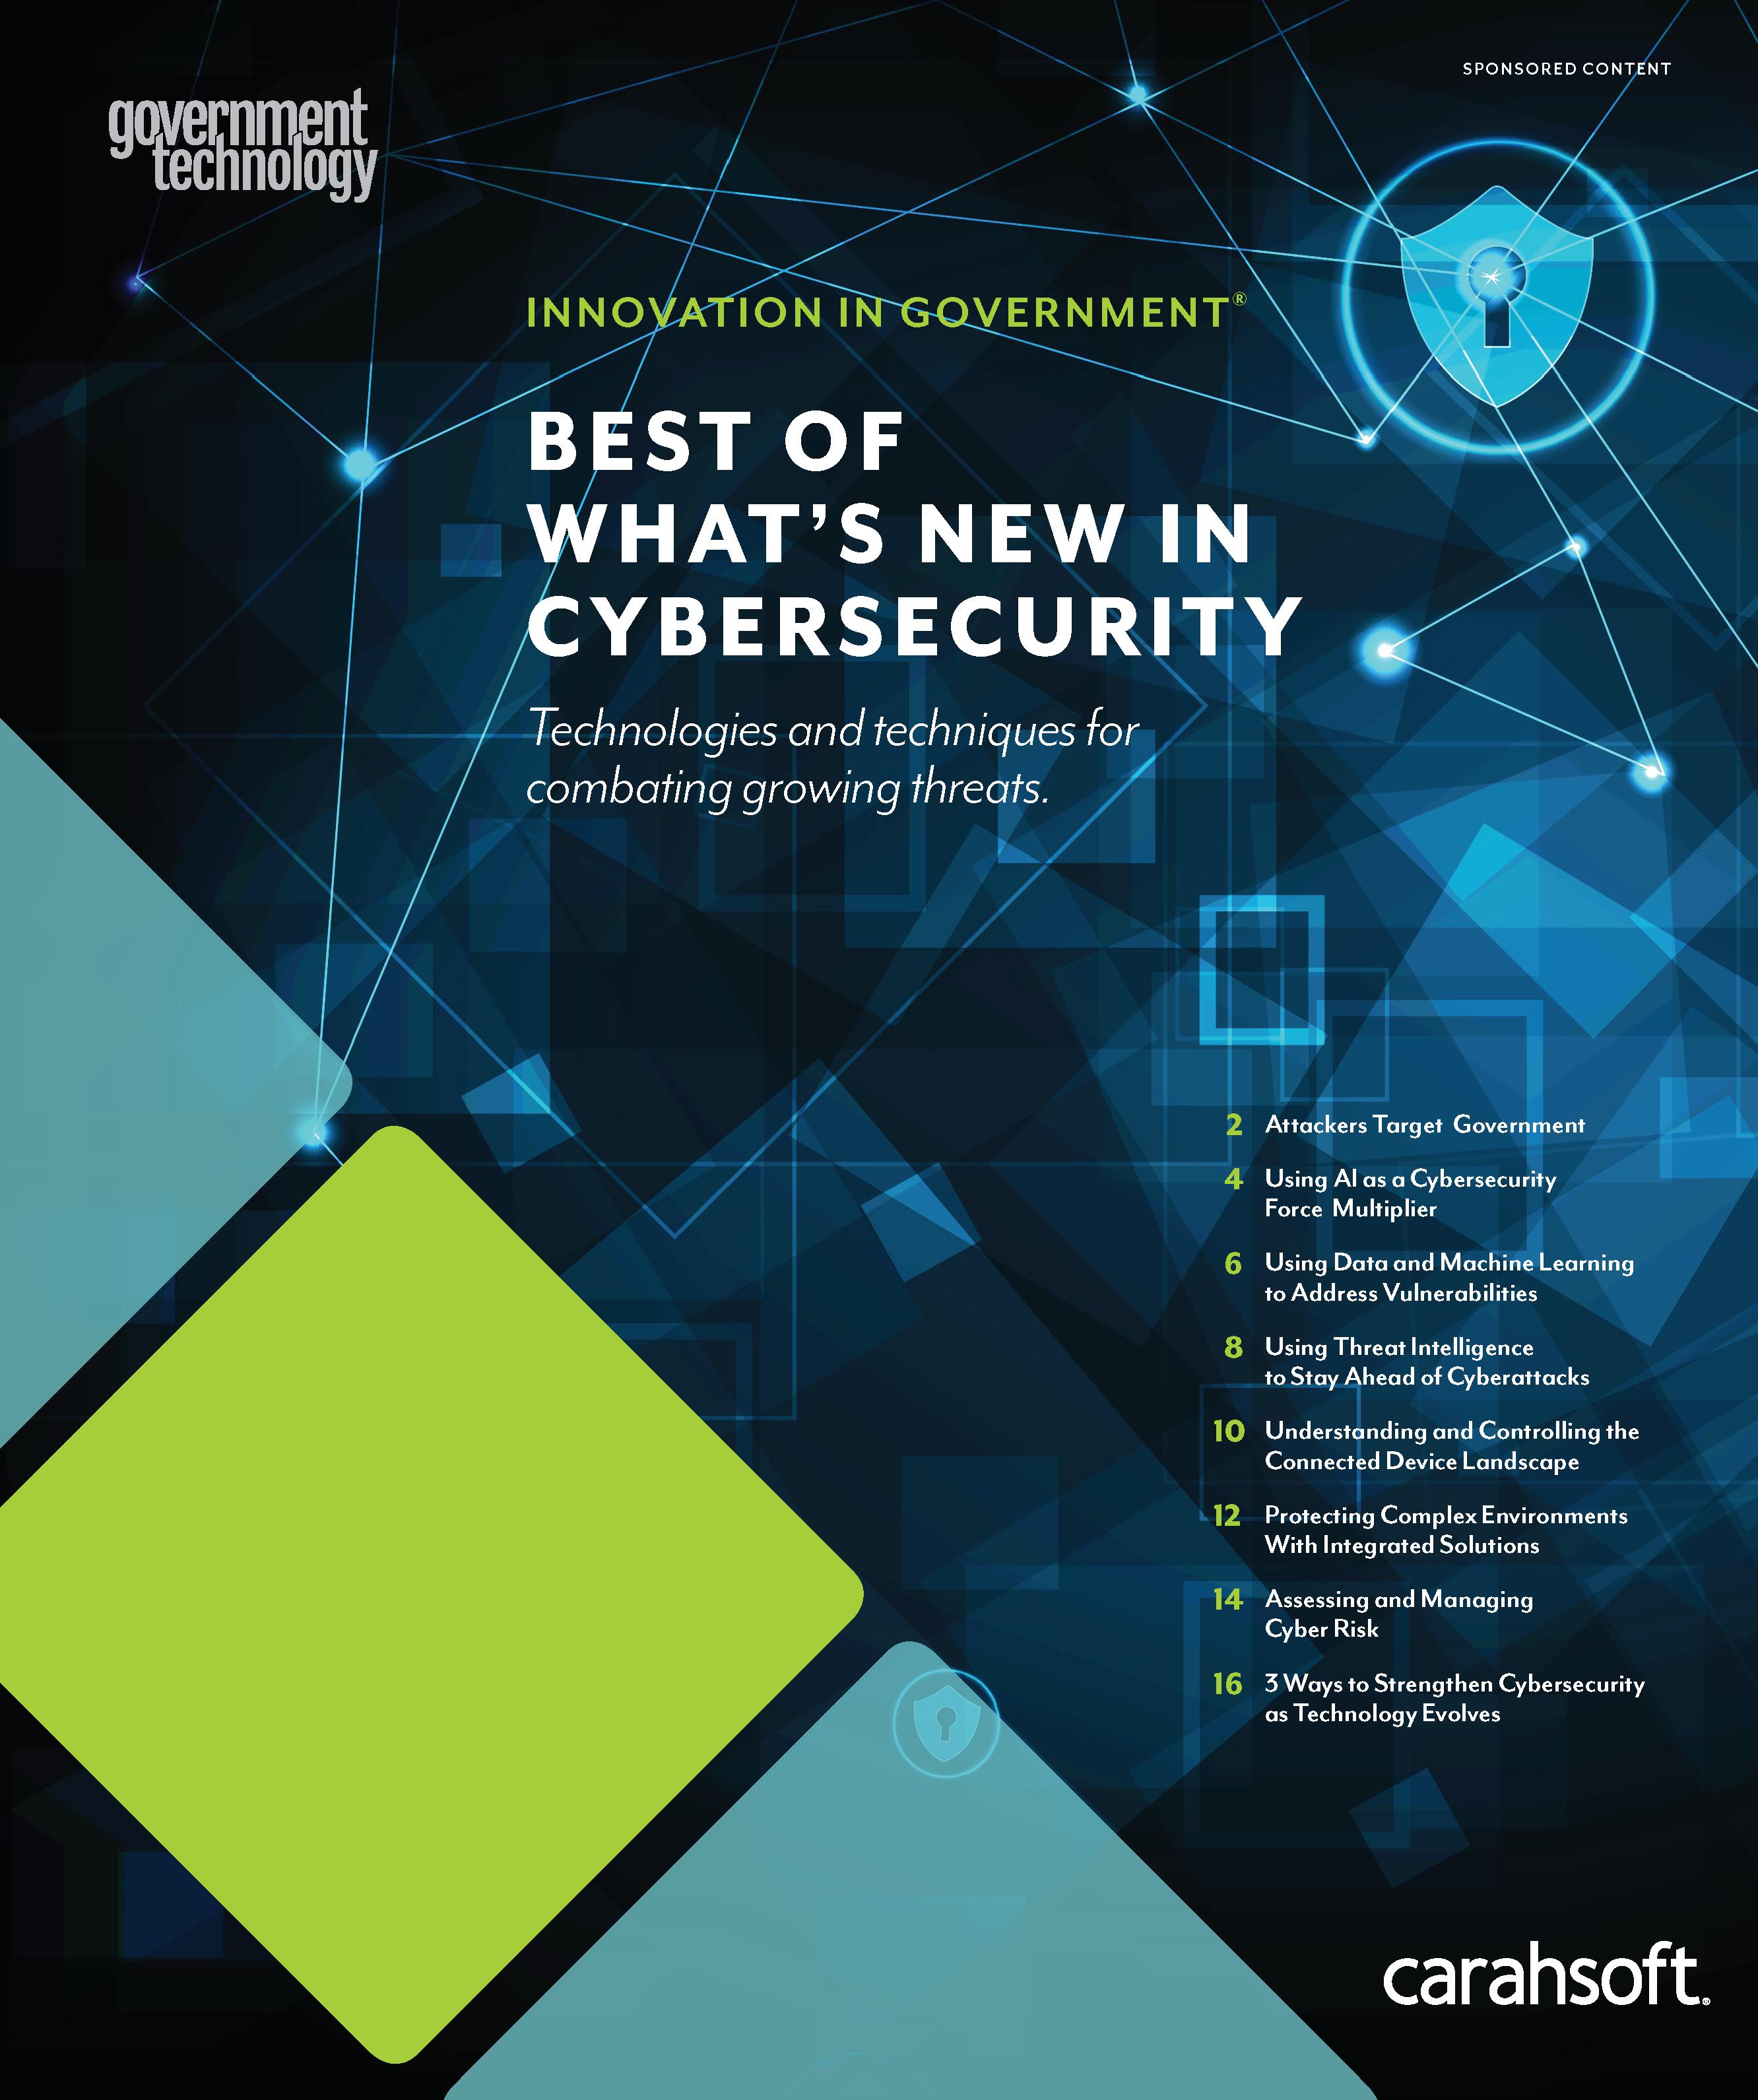 GovTech cover